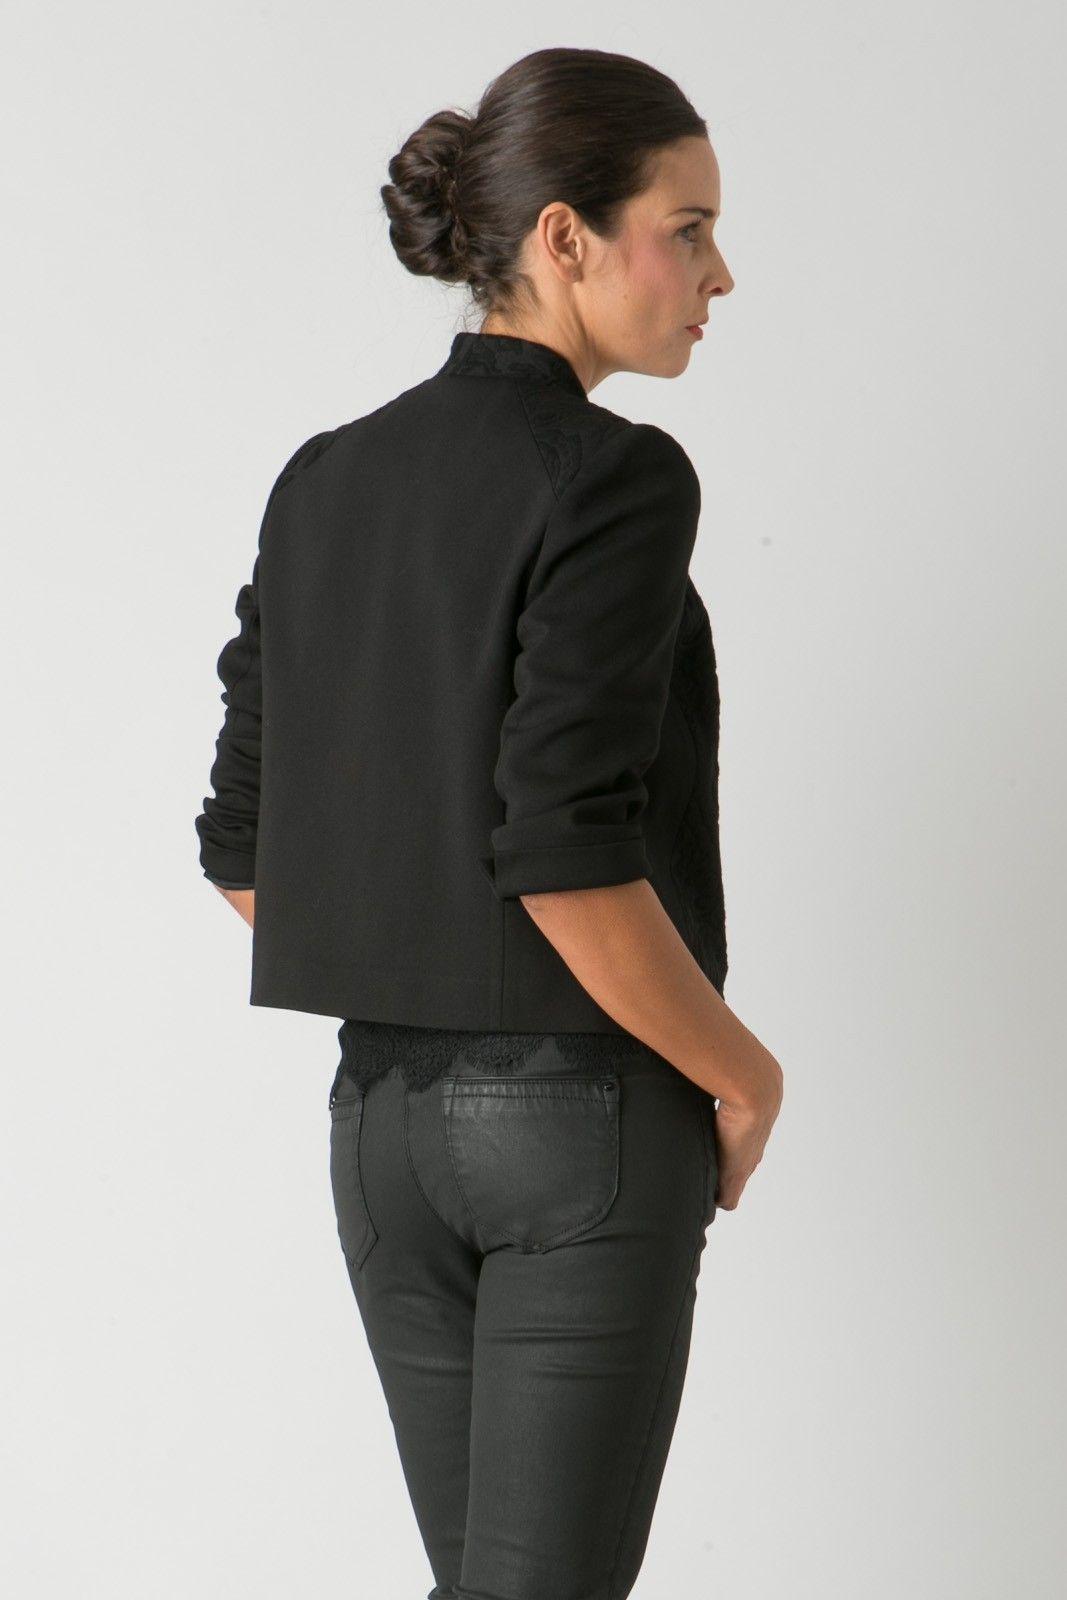 a4d72dad50e035 Veste bi-matière jacquard - Veste City femme de la marque Bréal ...